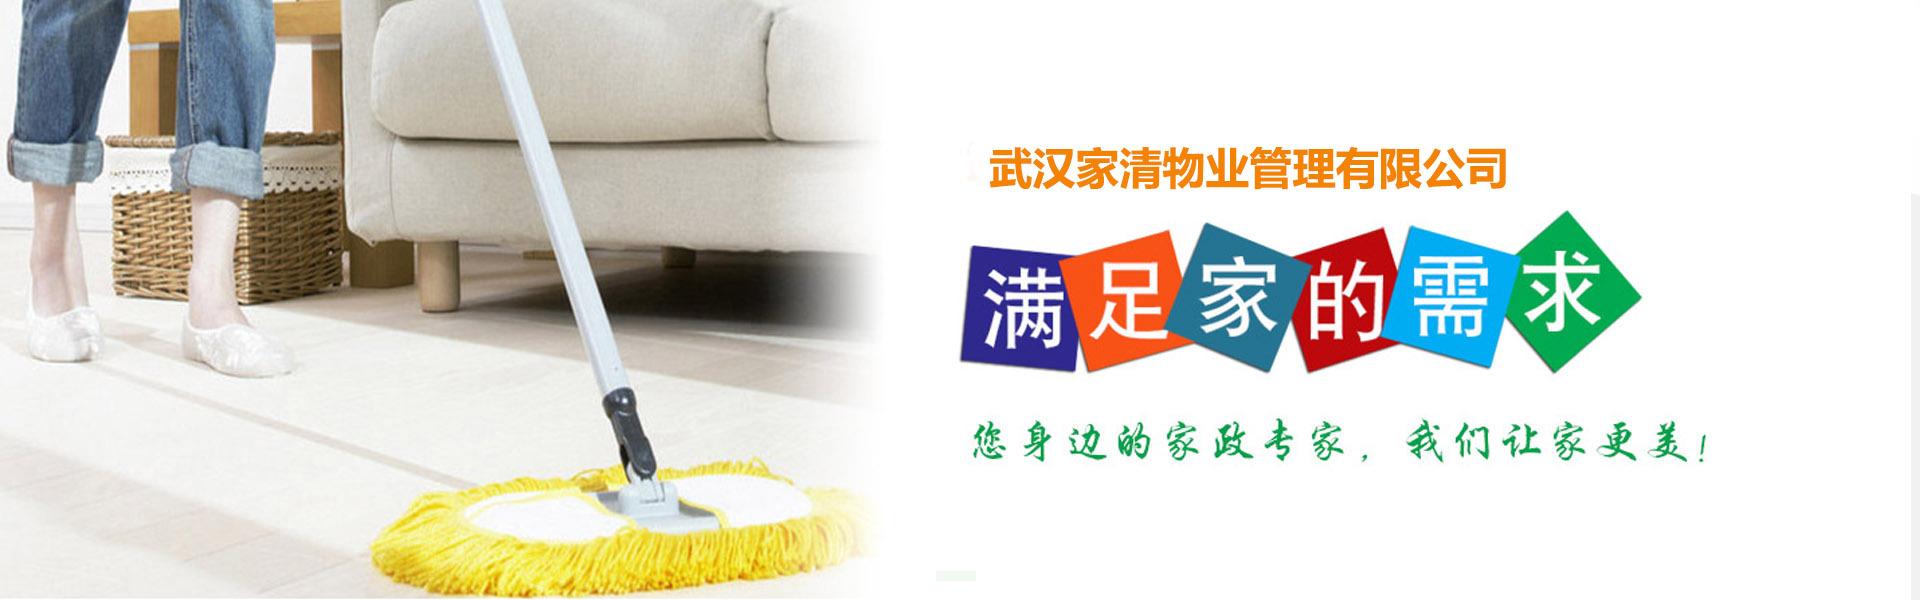 武汉家清物业网站首页形象图-满足家的需求